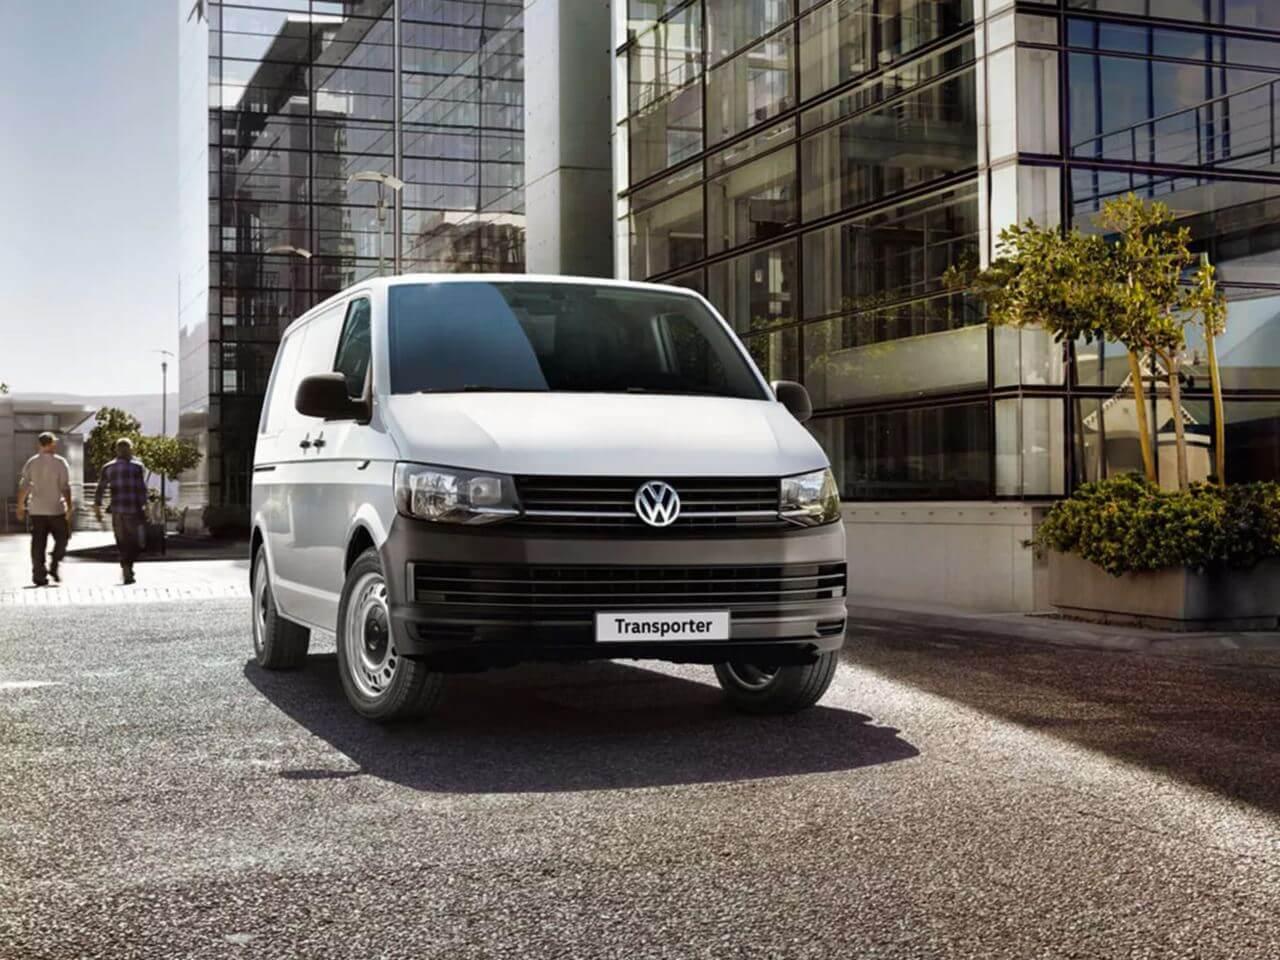 Transporter Van Gallery Image 2